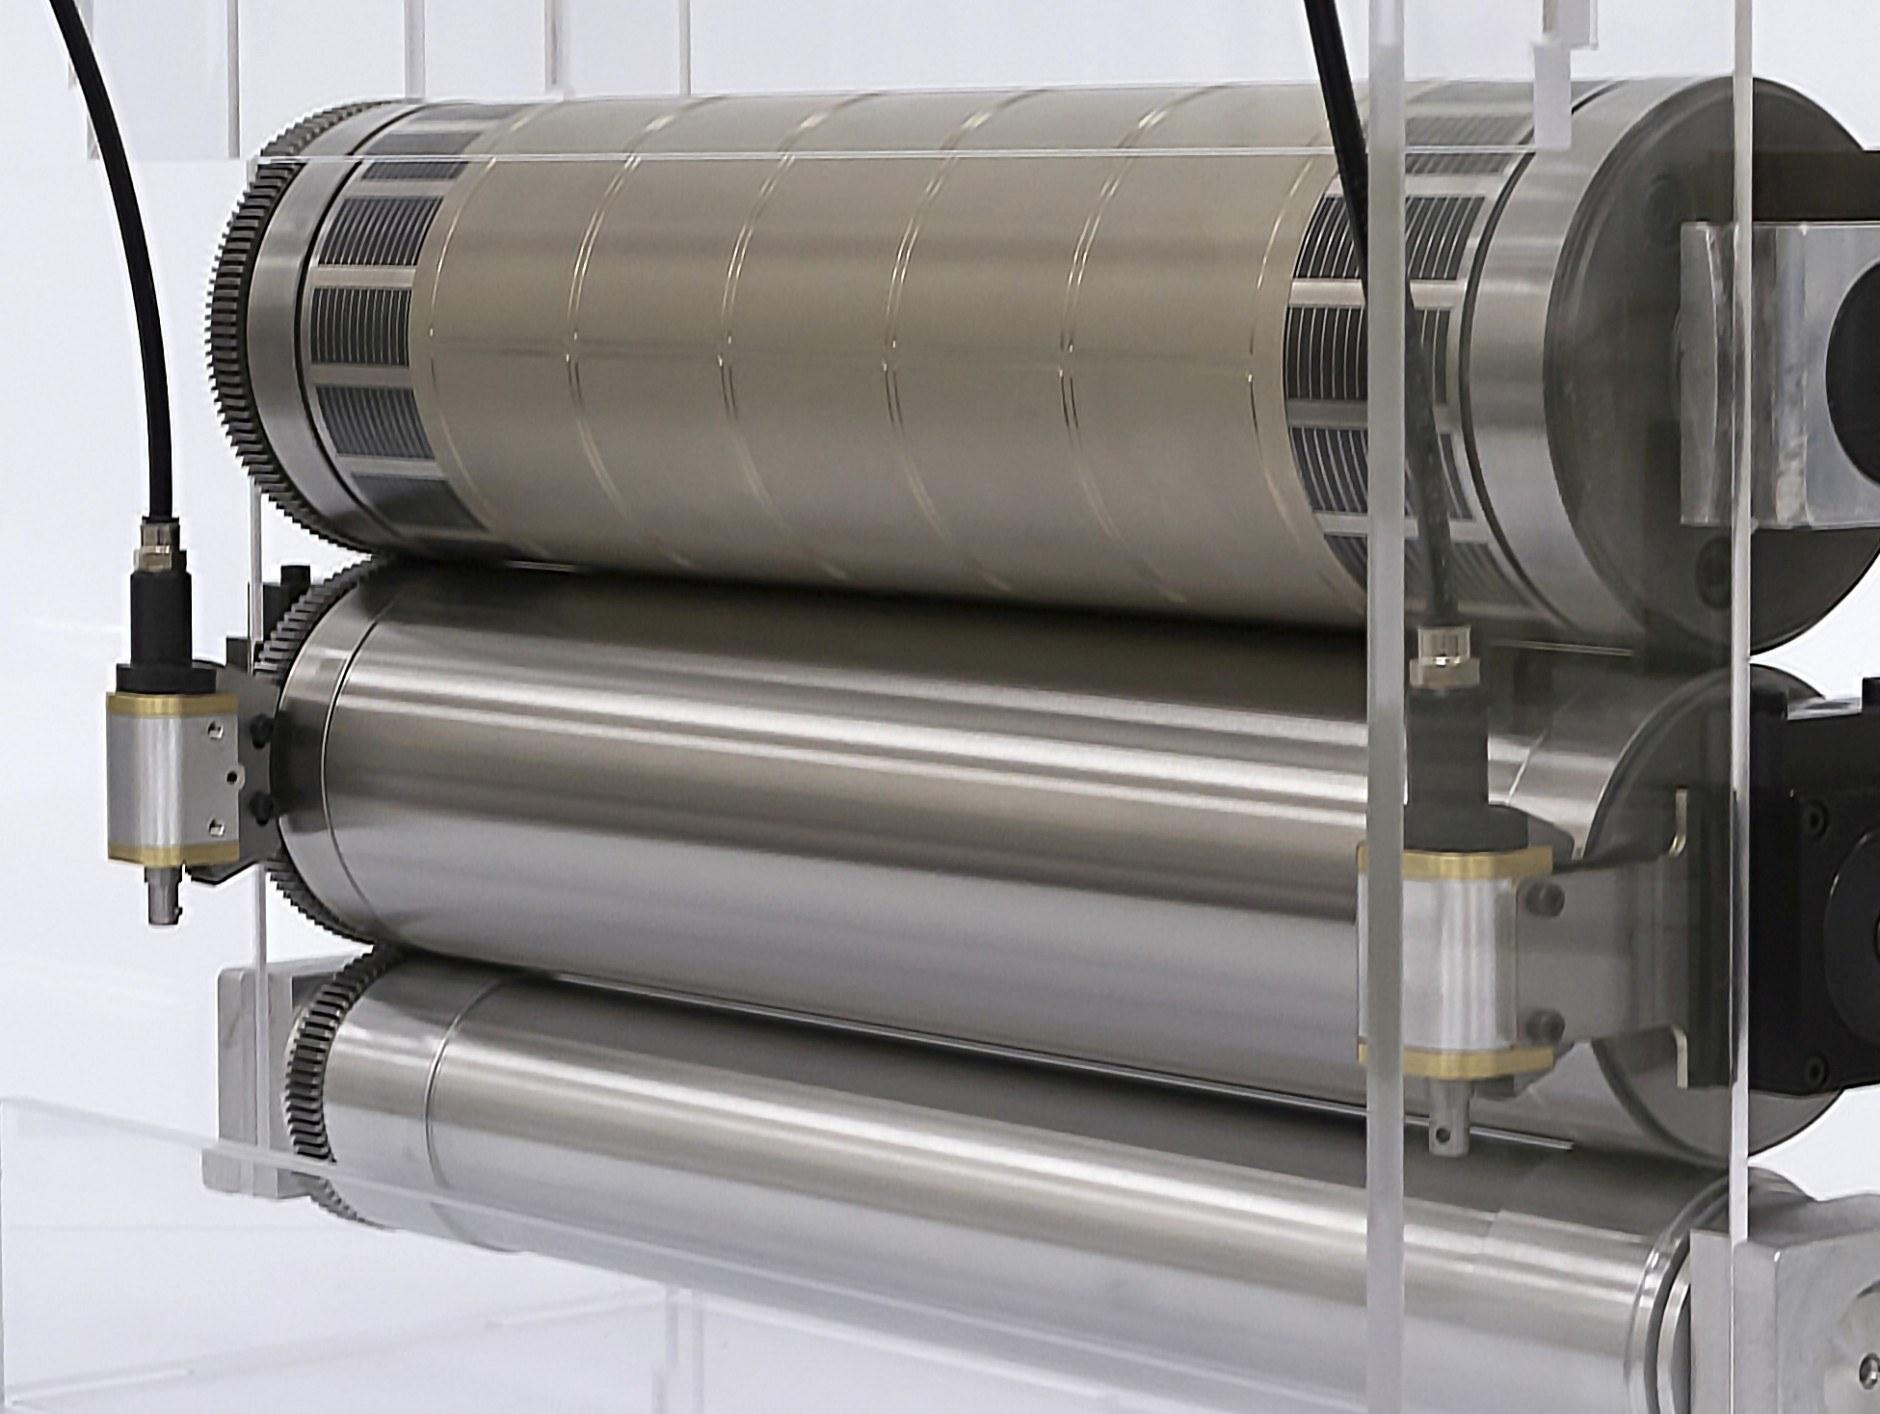 Der verstellbare Gegendruckzylinder Wink Gapcontrol by Rototechnix erlaubt beidseitige, hoch präzise Spaltmaßanpassungen bei größter Stabilität